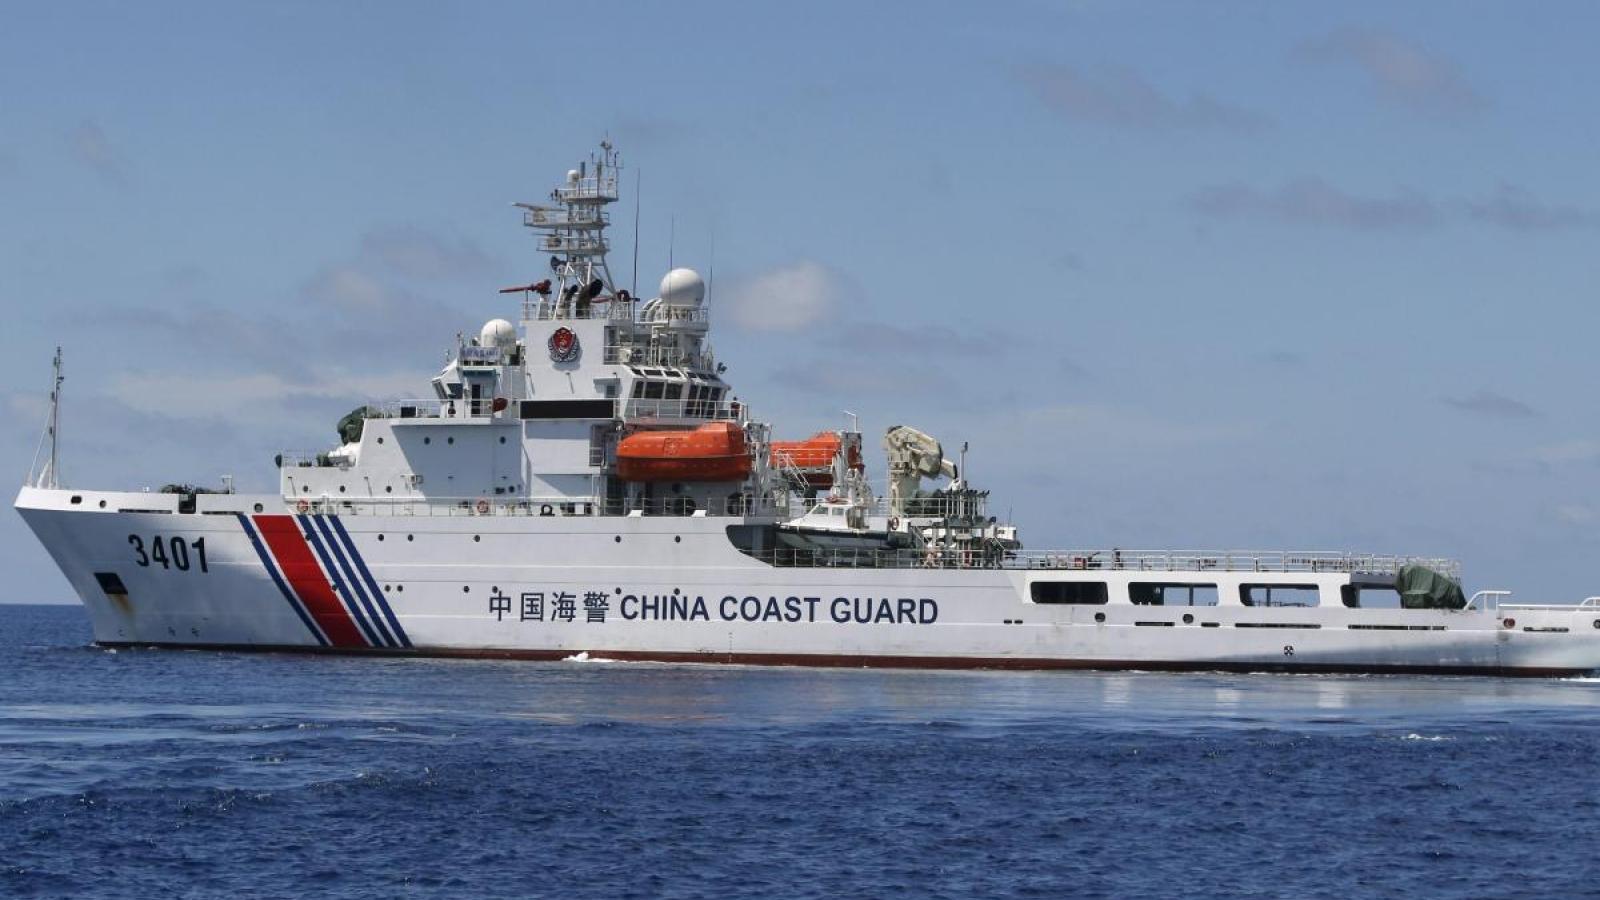 Malaysia triệu đại sứ Trung Quốc phản đối nhóm tàu Trung Quốc ở Biển Đông